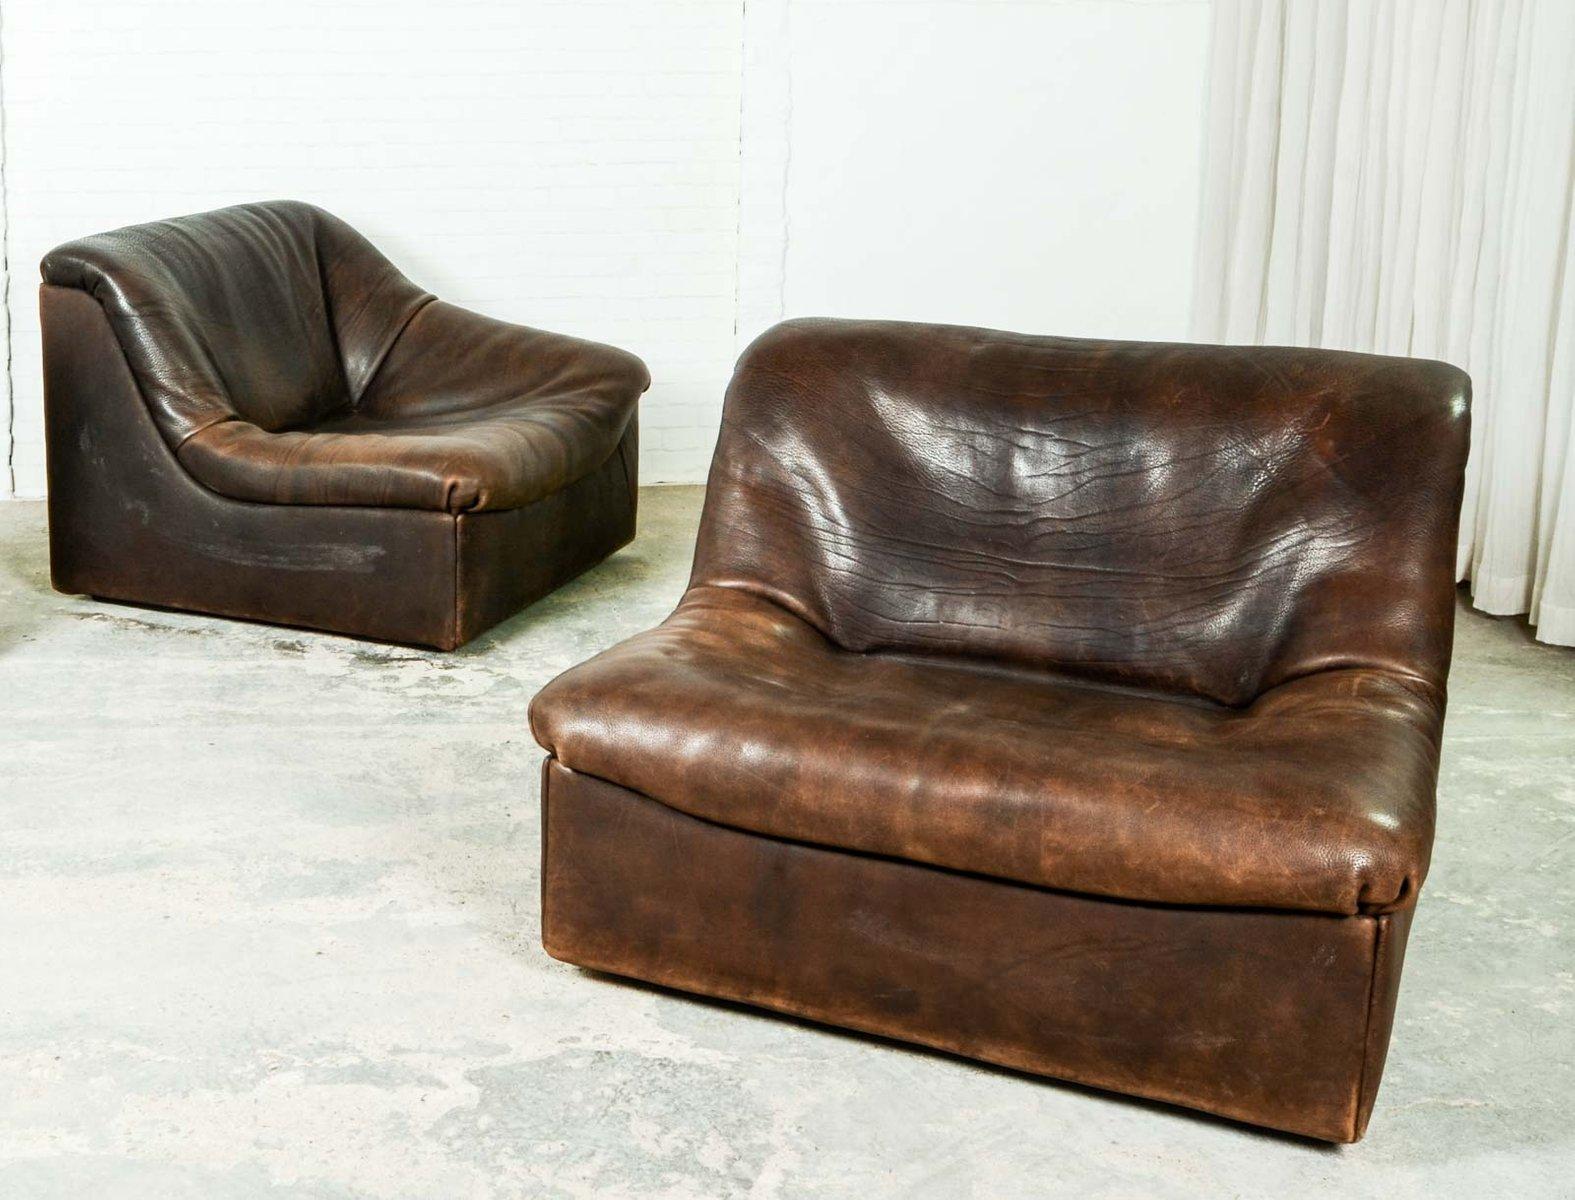 Büffelleder Couch 36 Sinnreich Sofa Büffelleder Podes Inspirierende